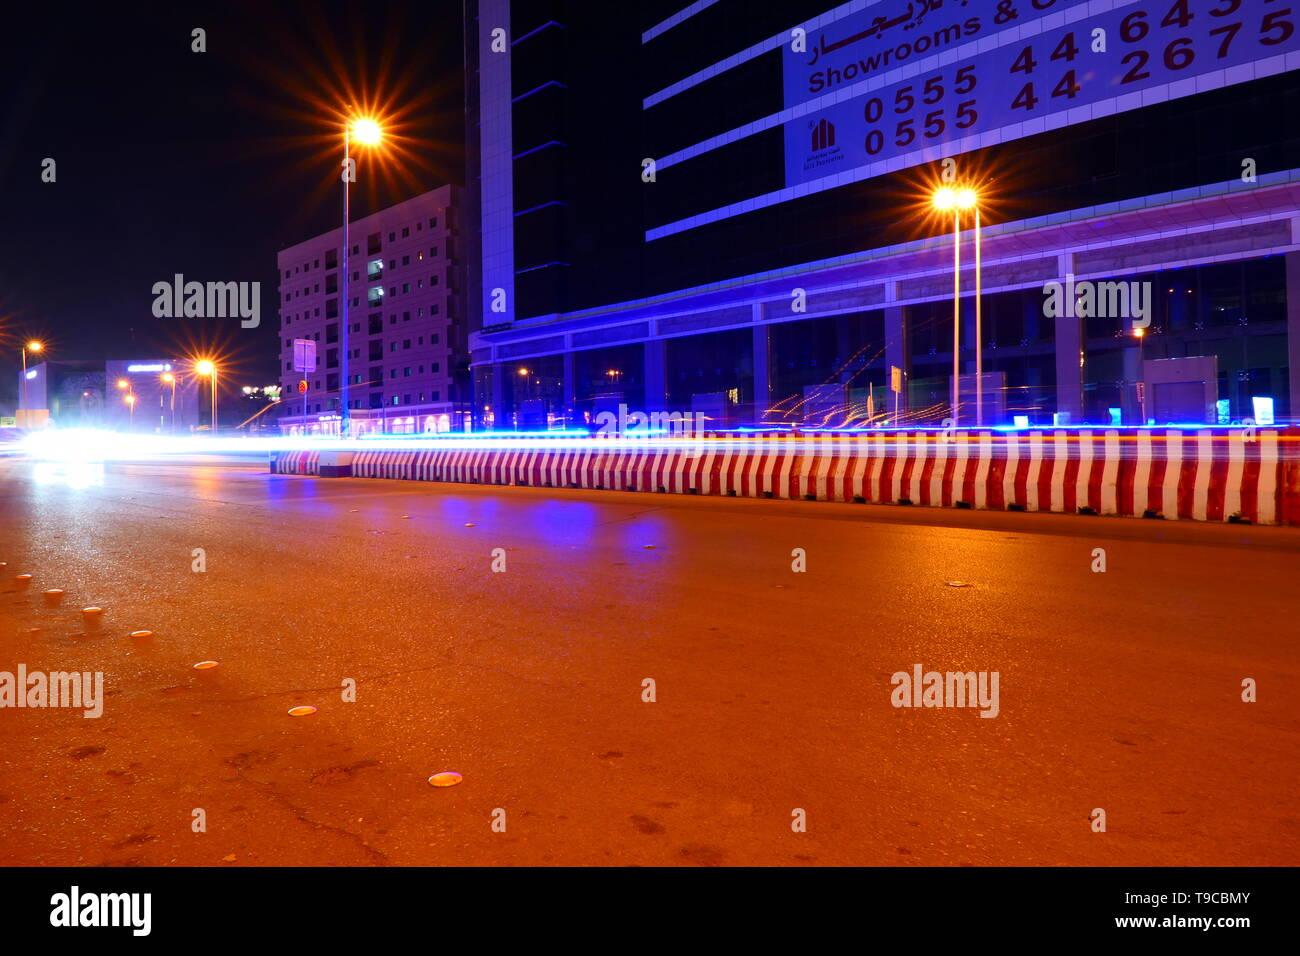 La famosa calle Olaya en la noche con muchos tráfico en Riad, Arabia Saudita Imagen De Stock